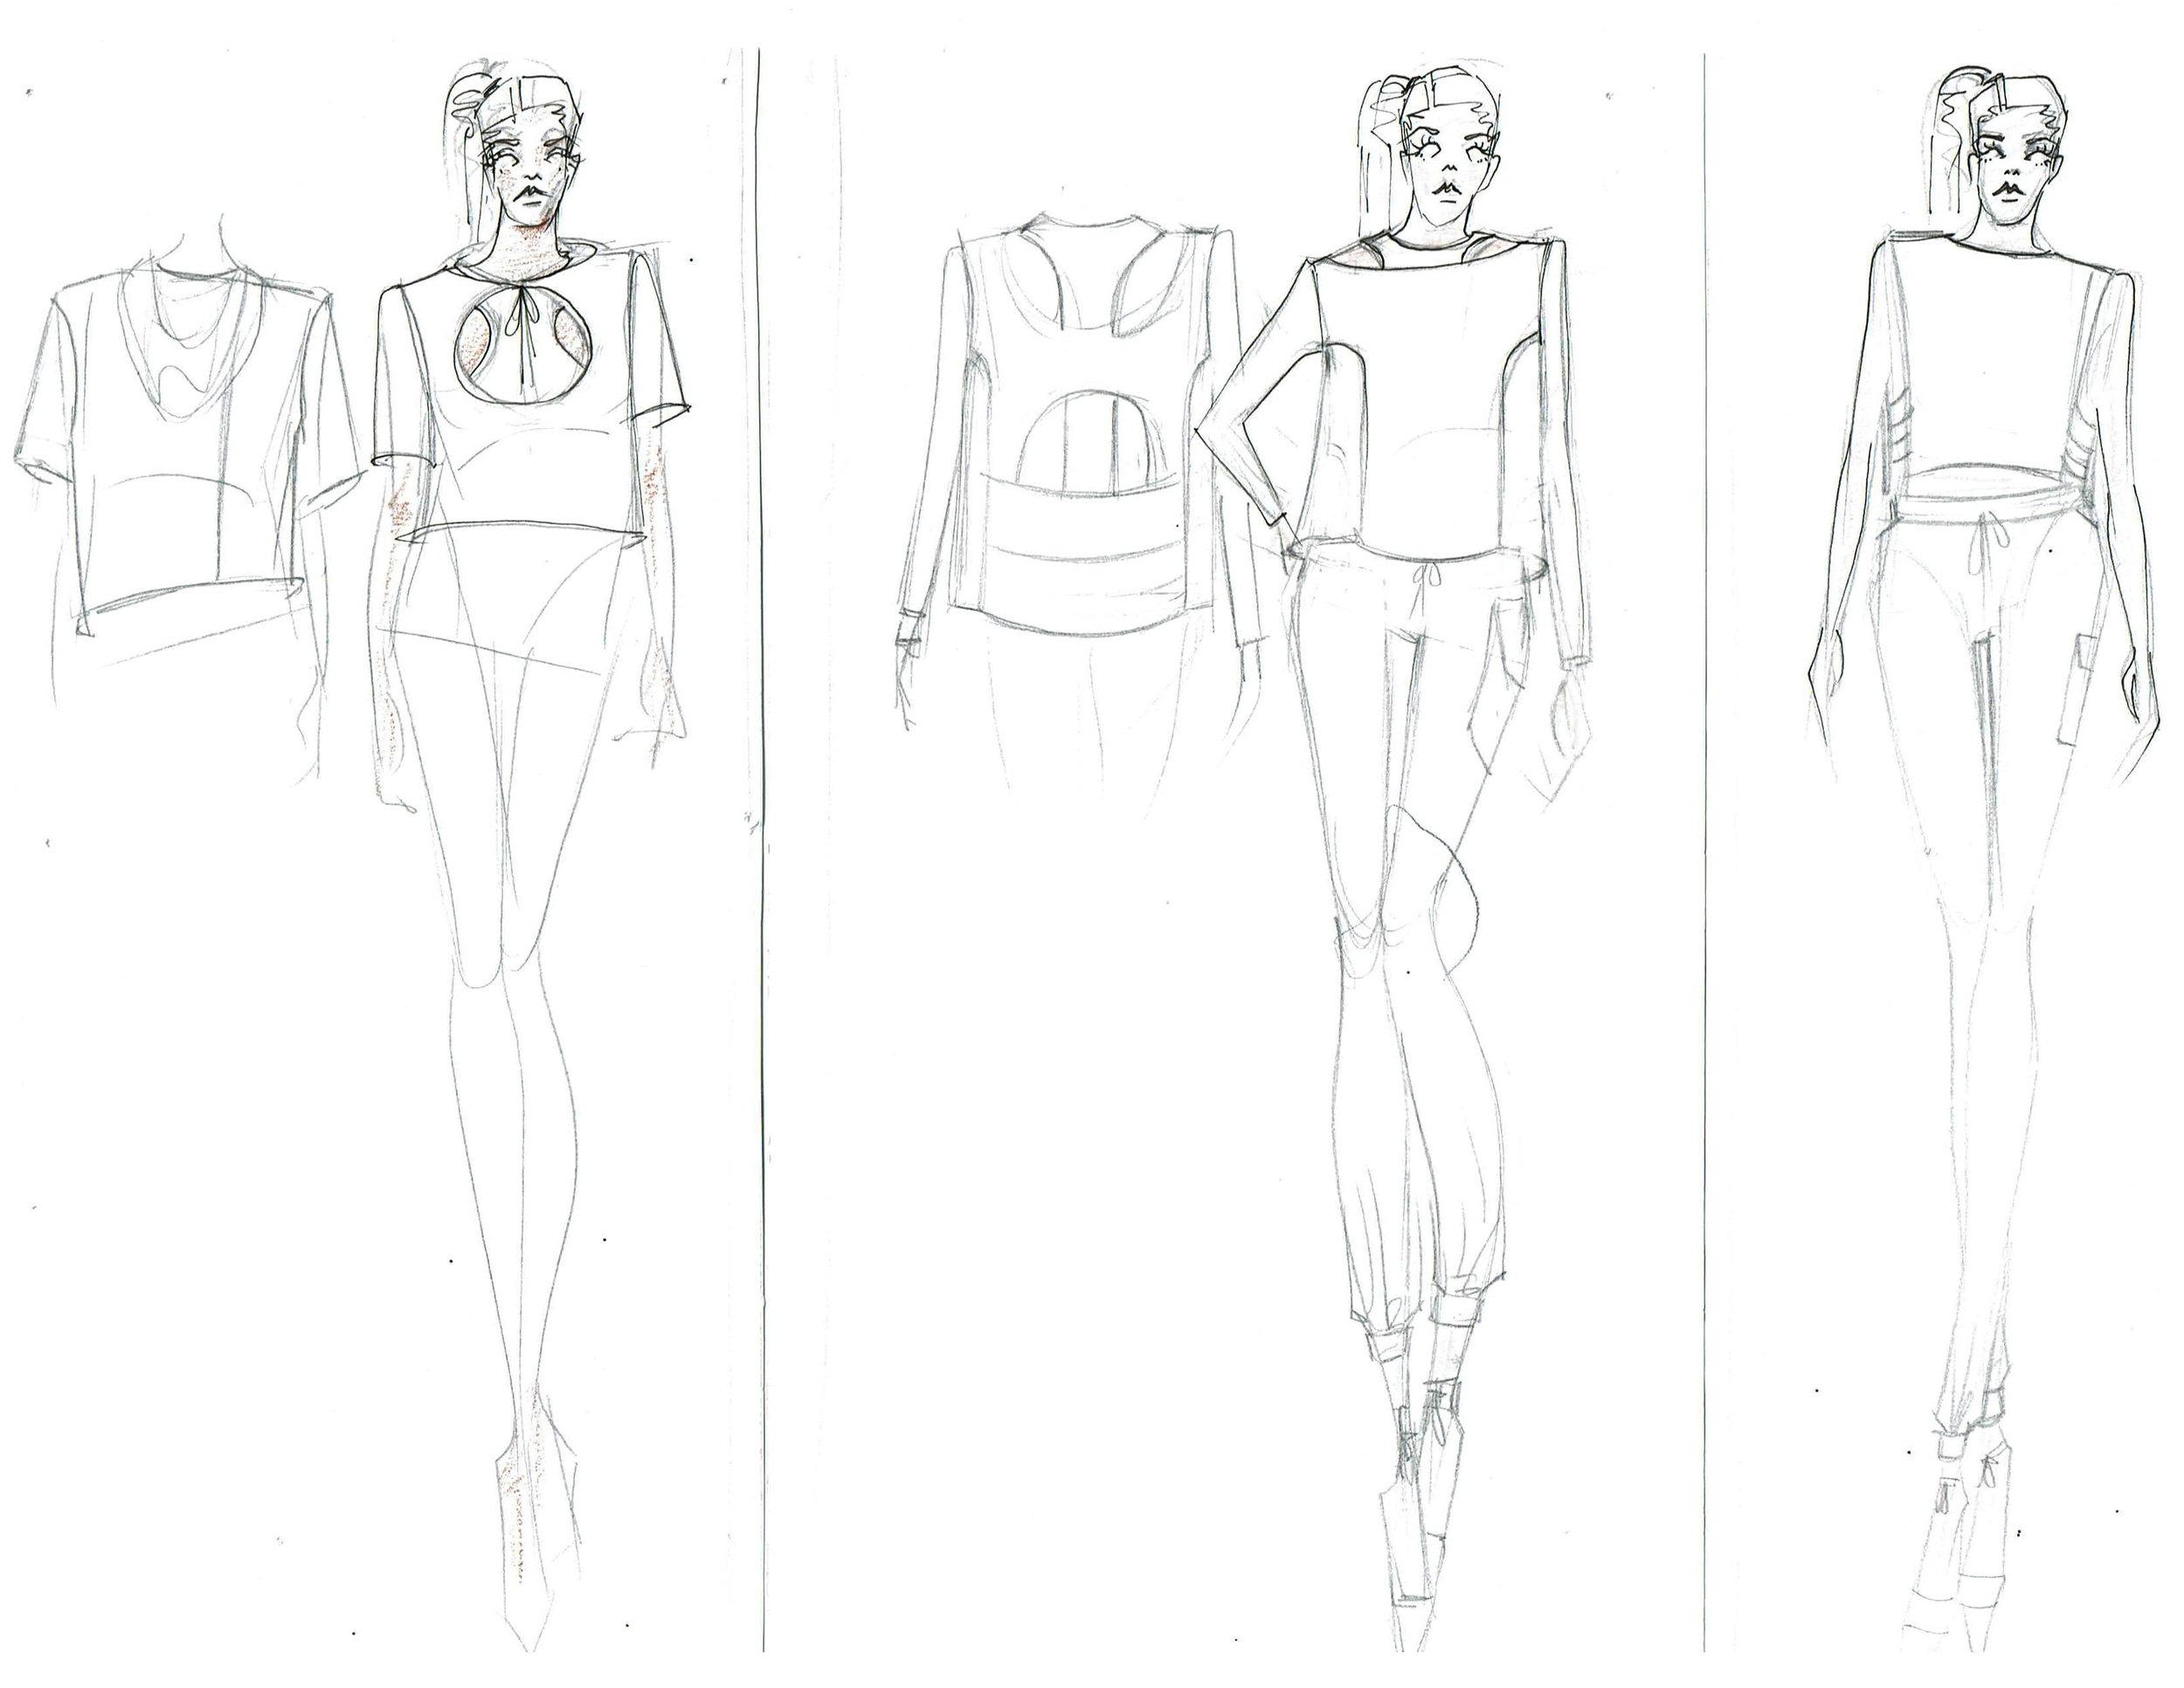 sketches9 copy.jpg